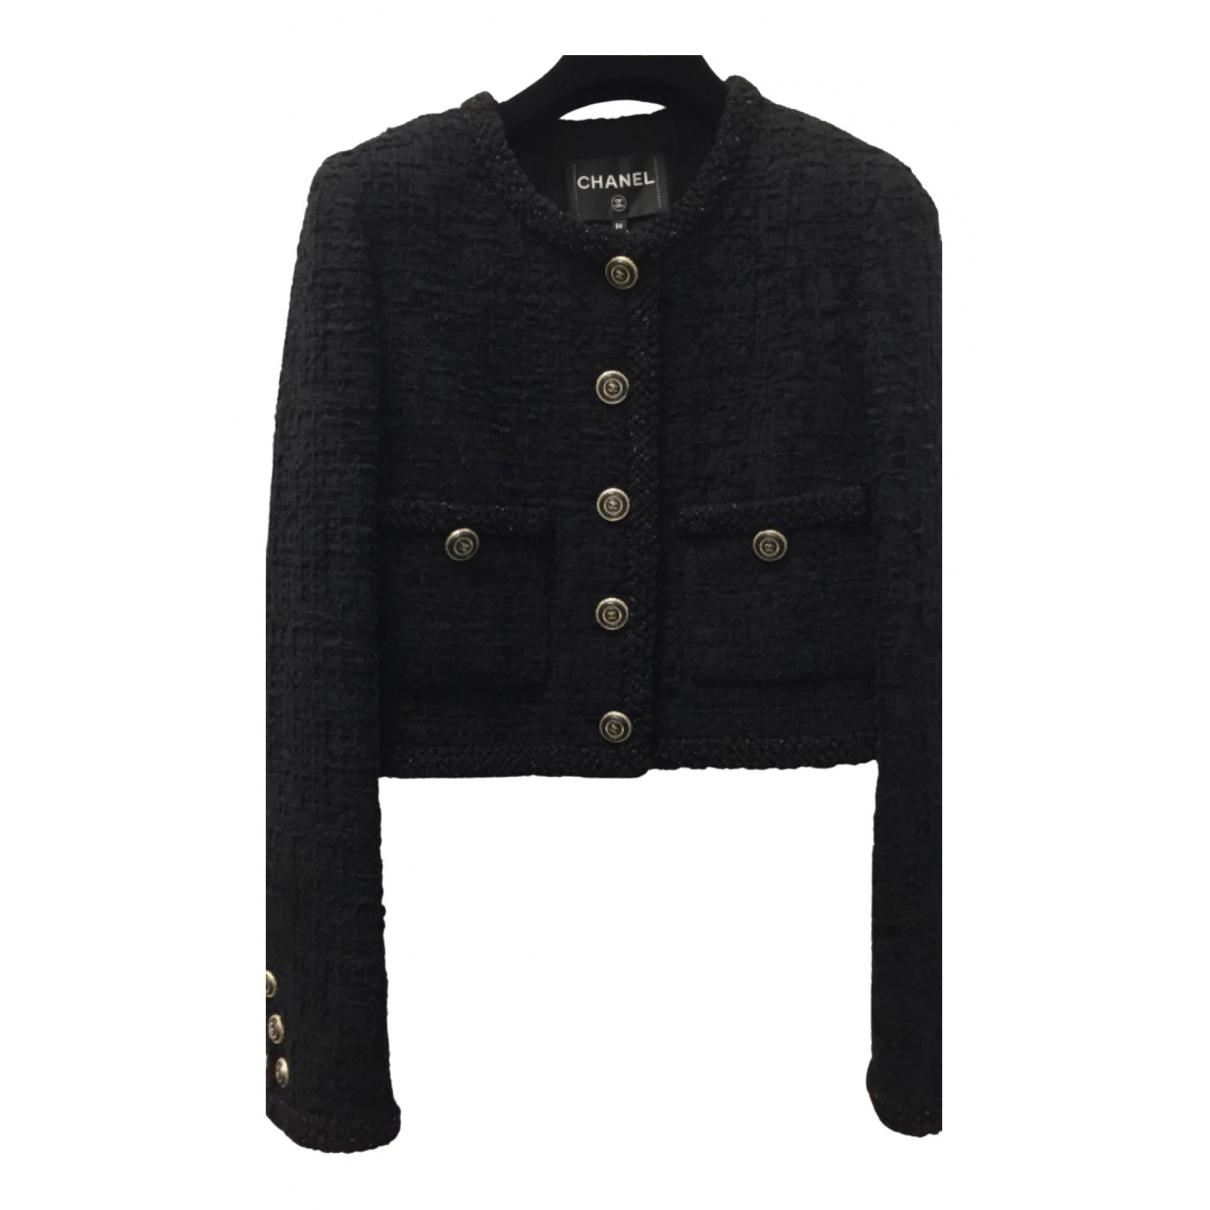 Chanel - Veste   pour femme en tweed - noir